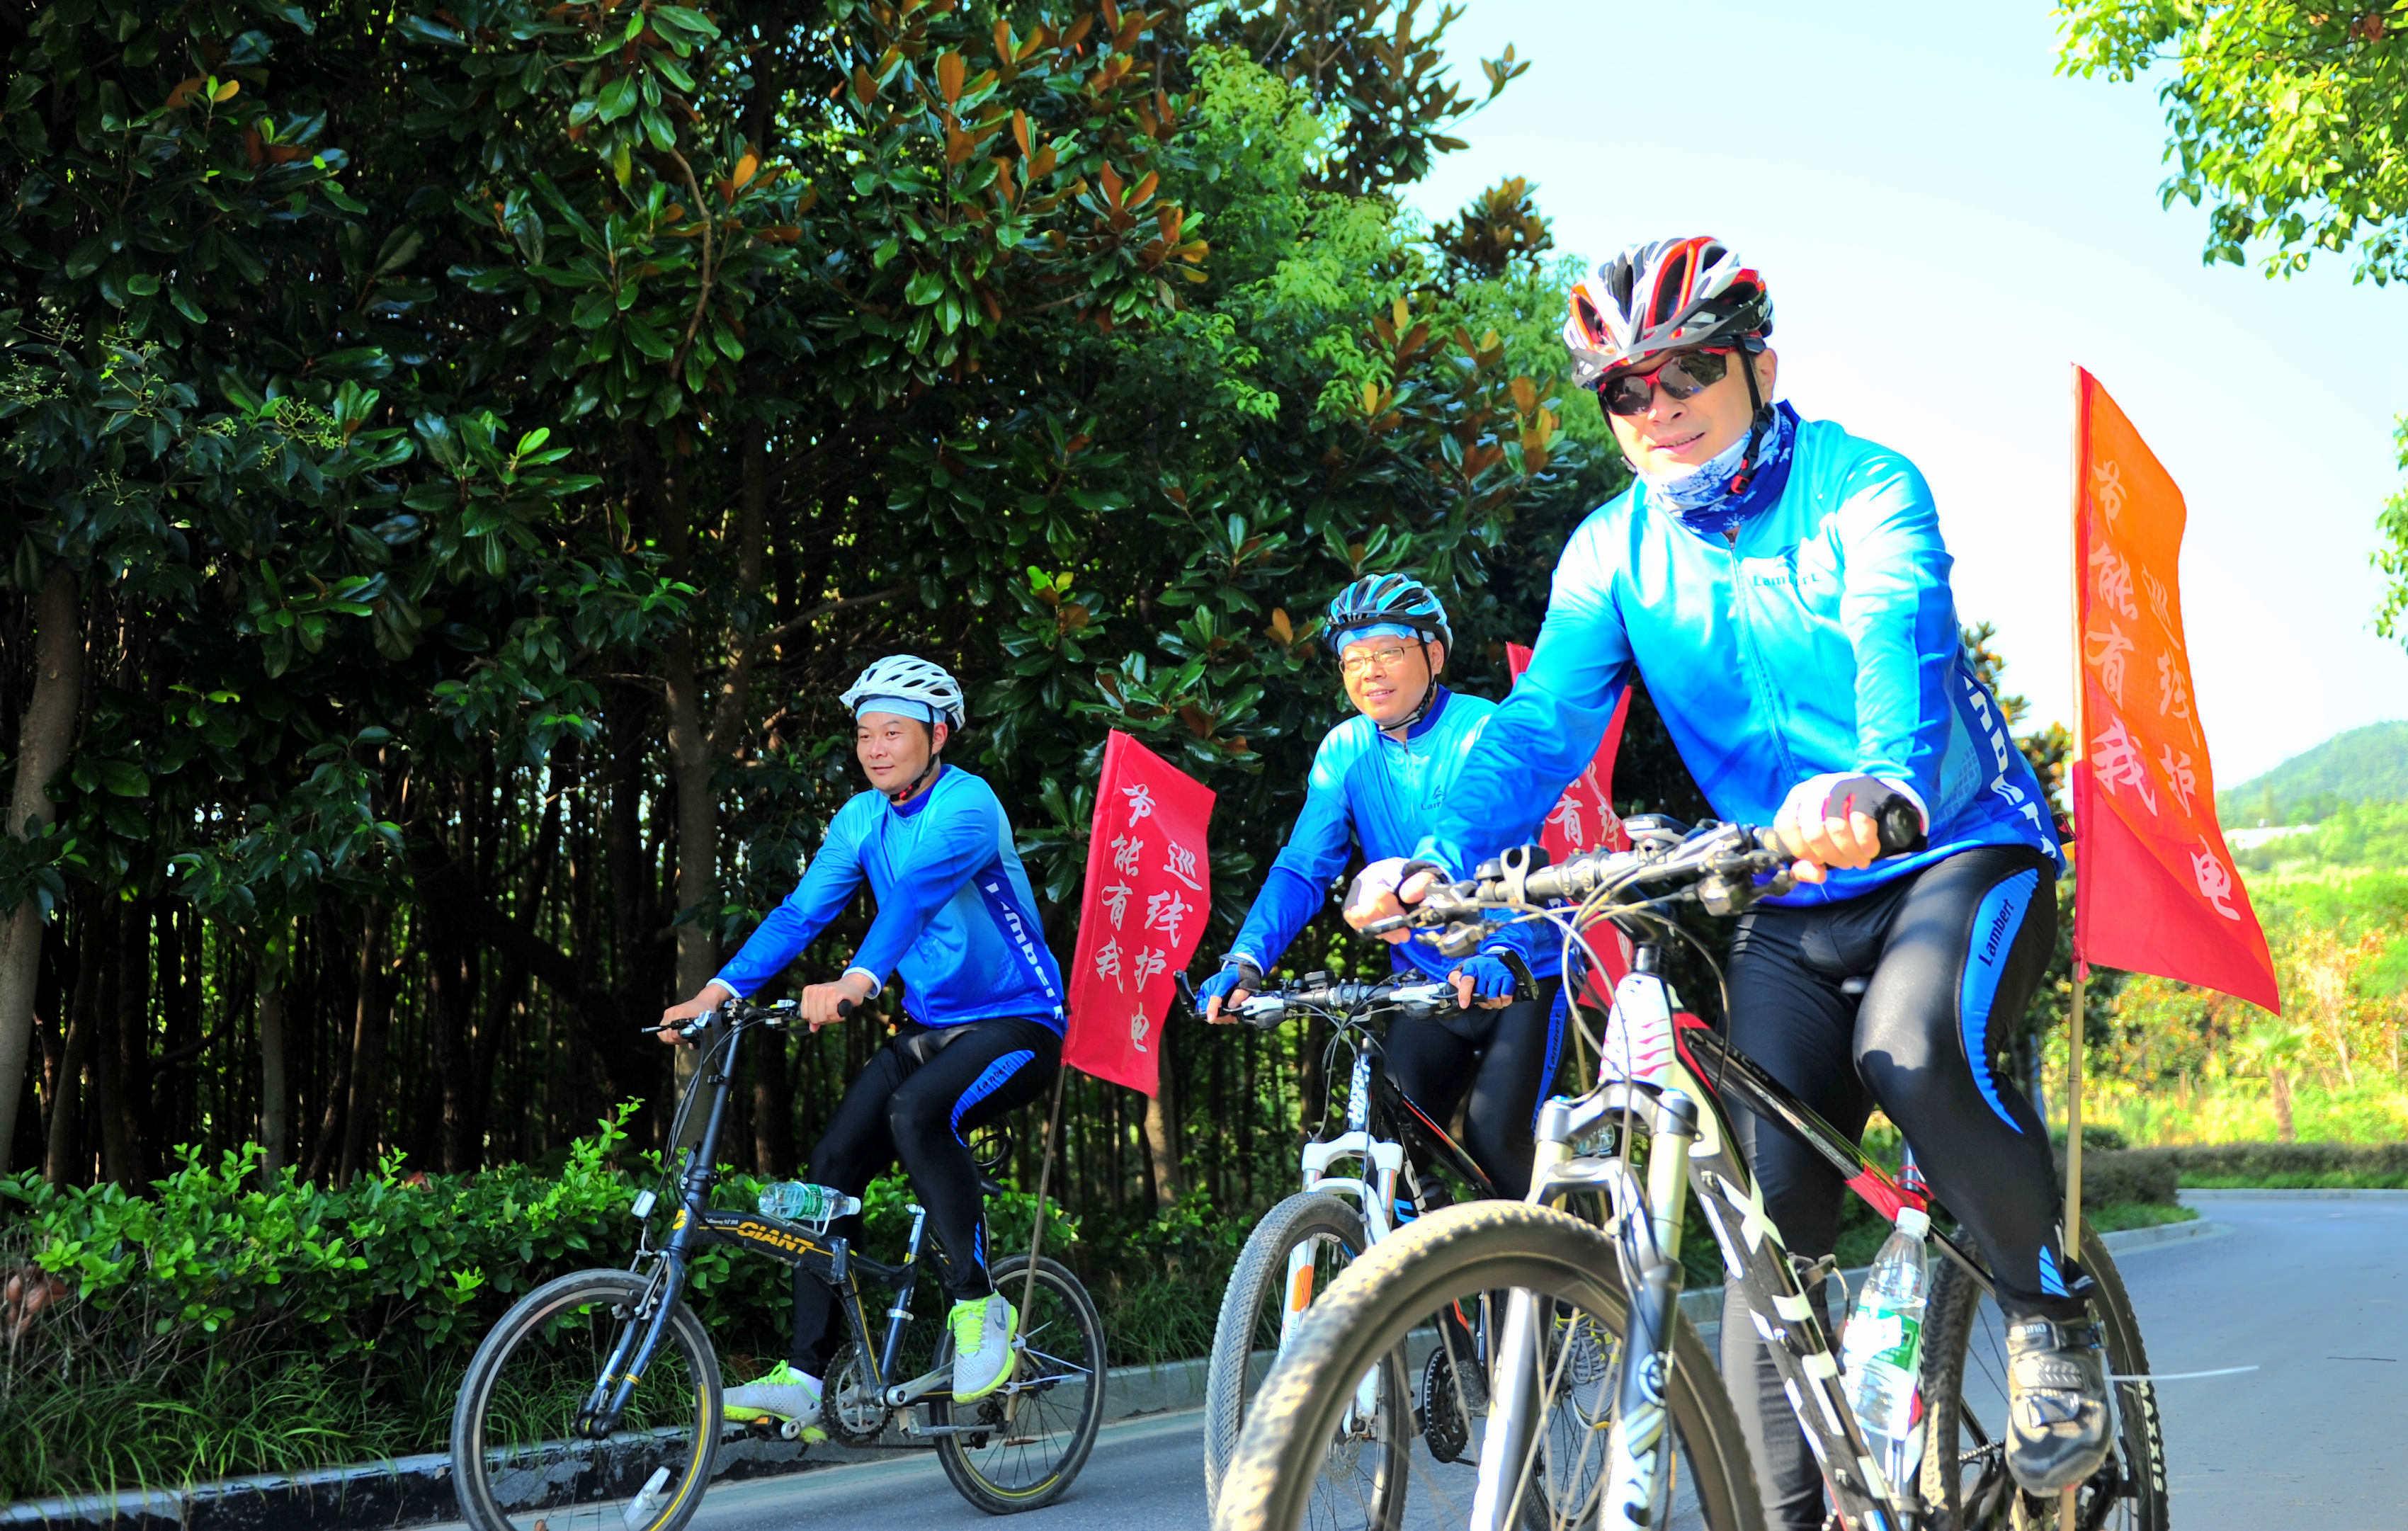 安徽庐江:高温骑行倡节能